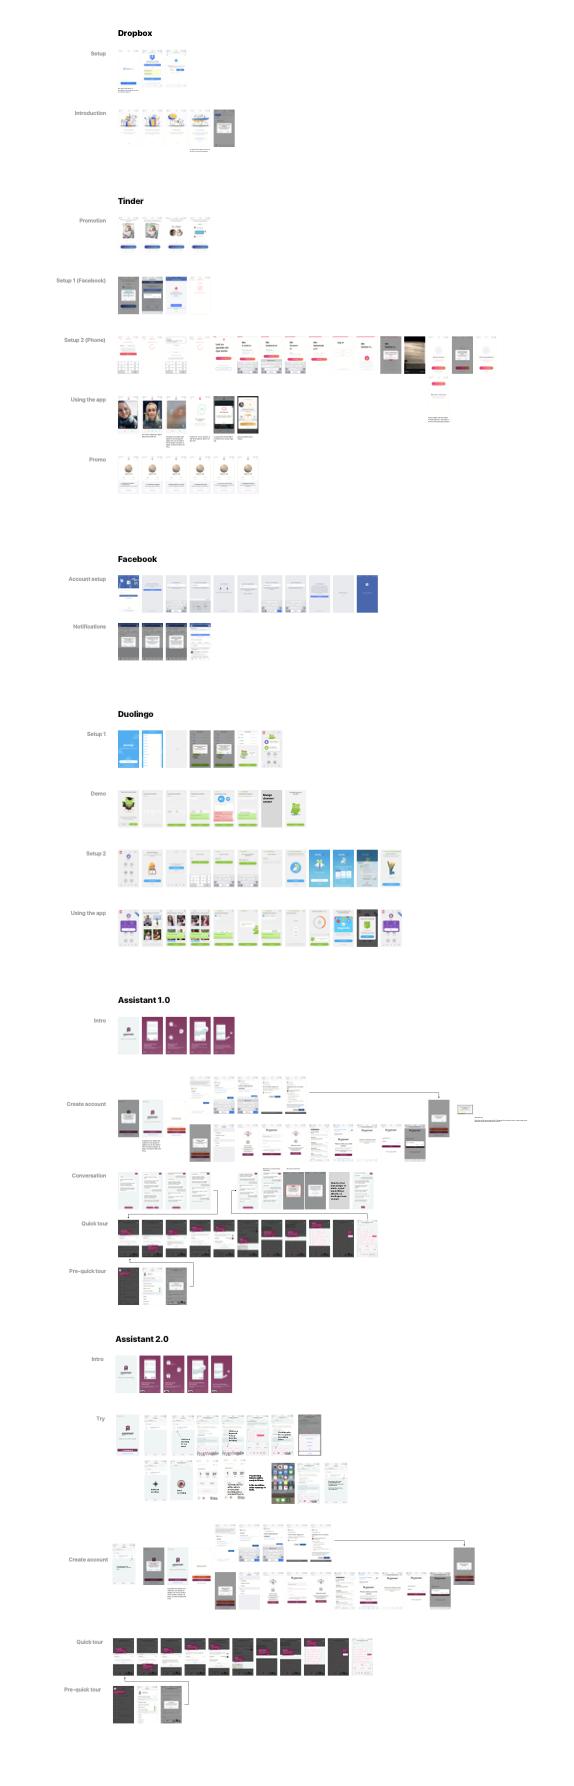 Billedet er lidt svært at se, når det er så småt, men basically er det screenshots af alle skærme inden man kommer direkte ind i appen for hhv. Tinder, Duolingo, Facebook, Dropbox og så med sammenligning til vores app.